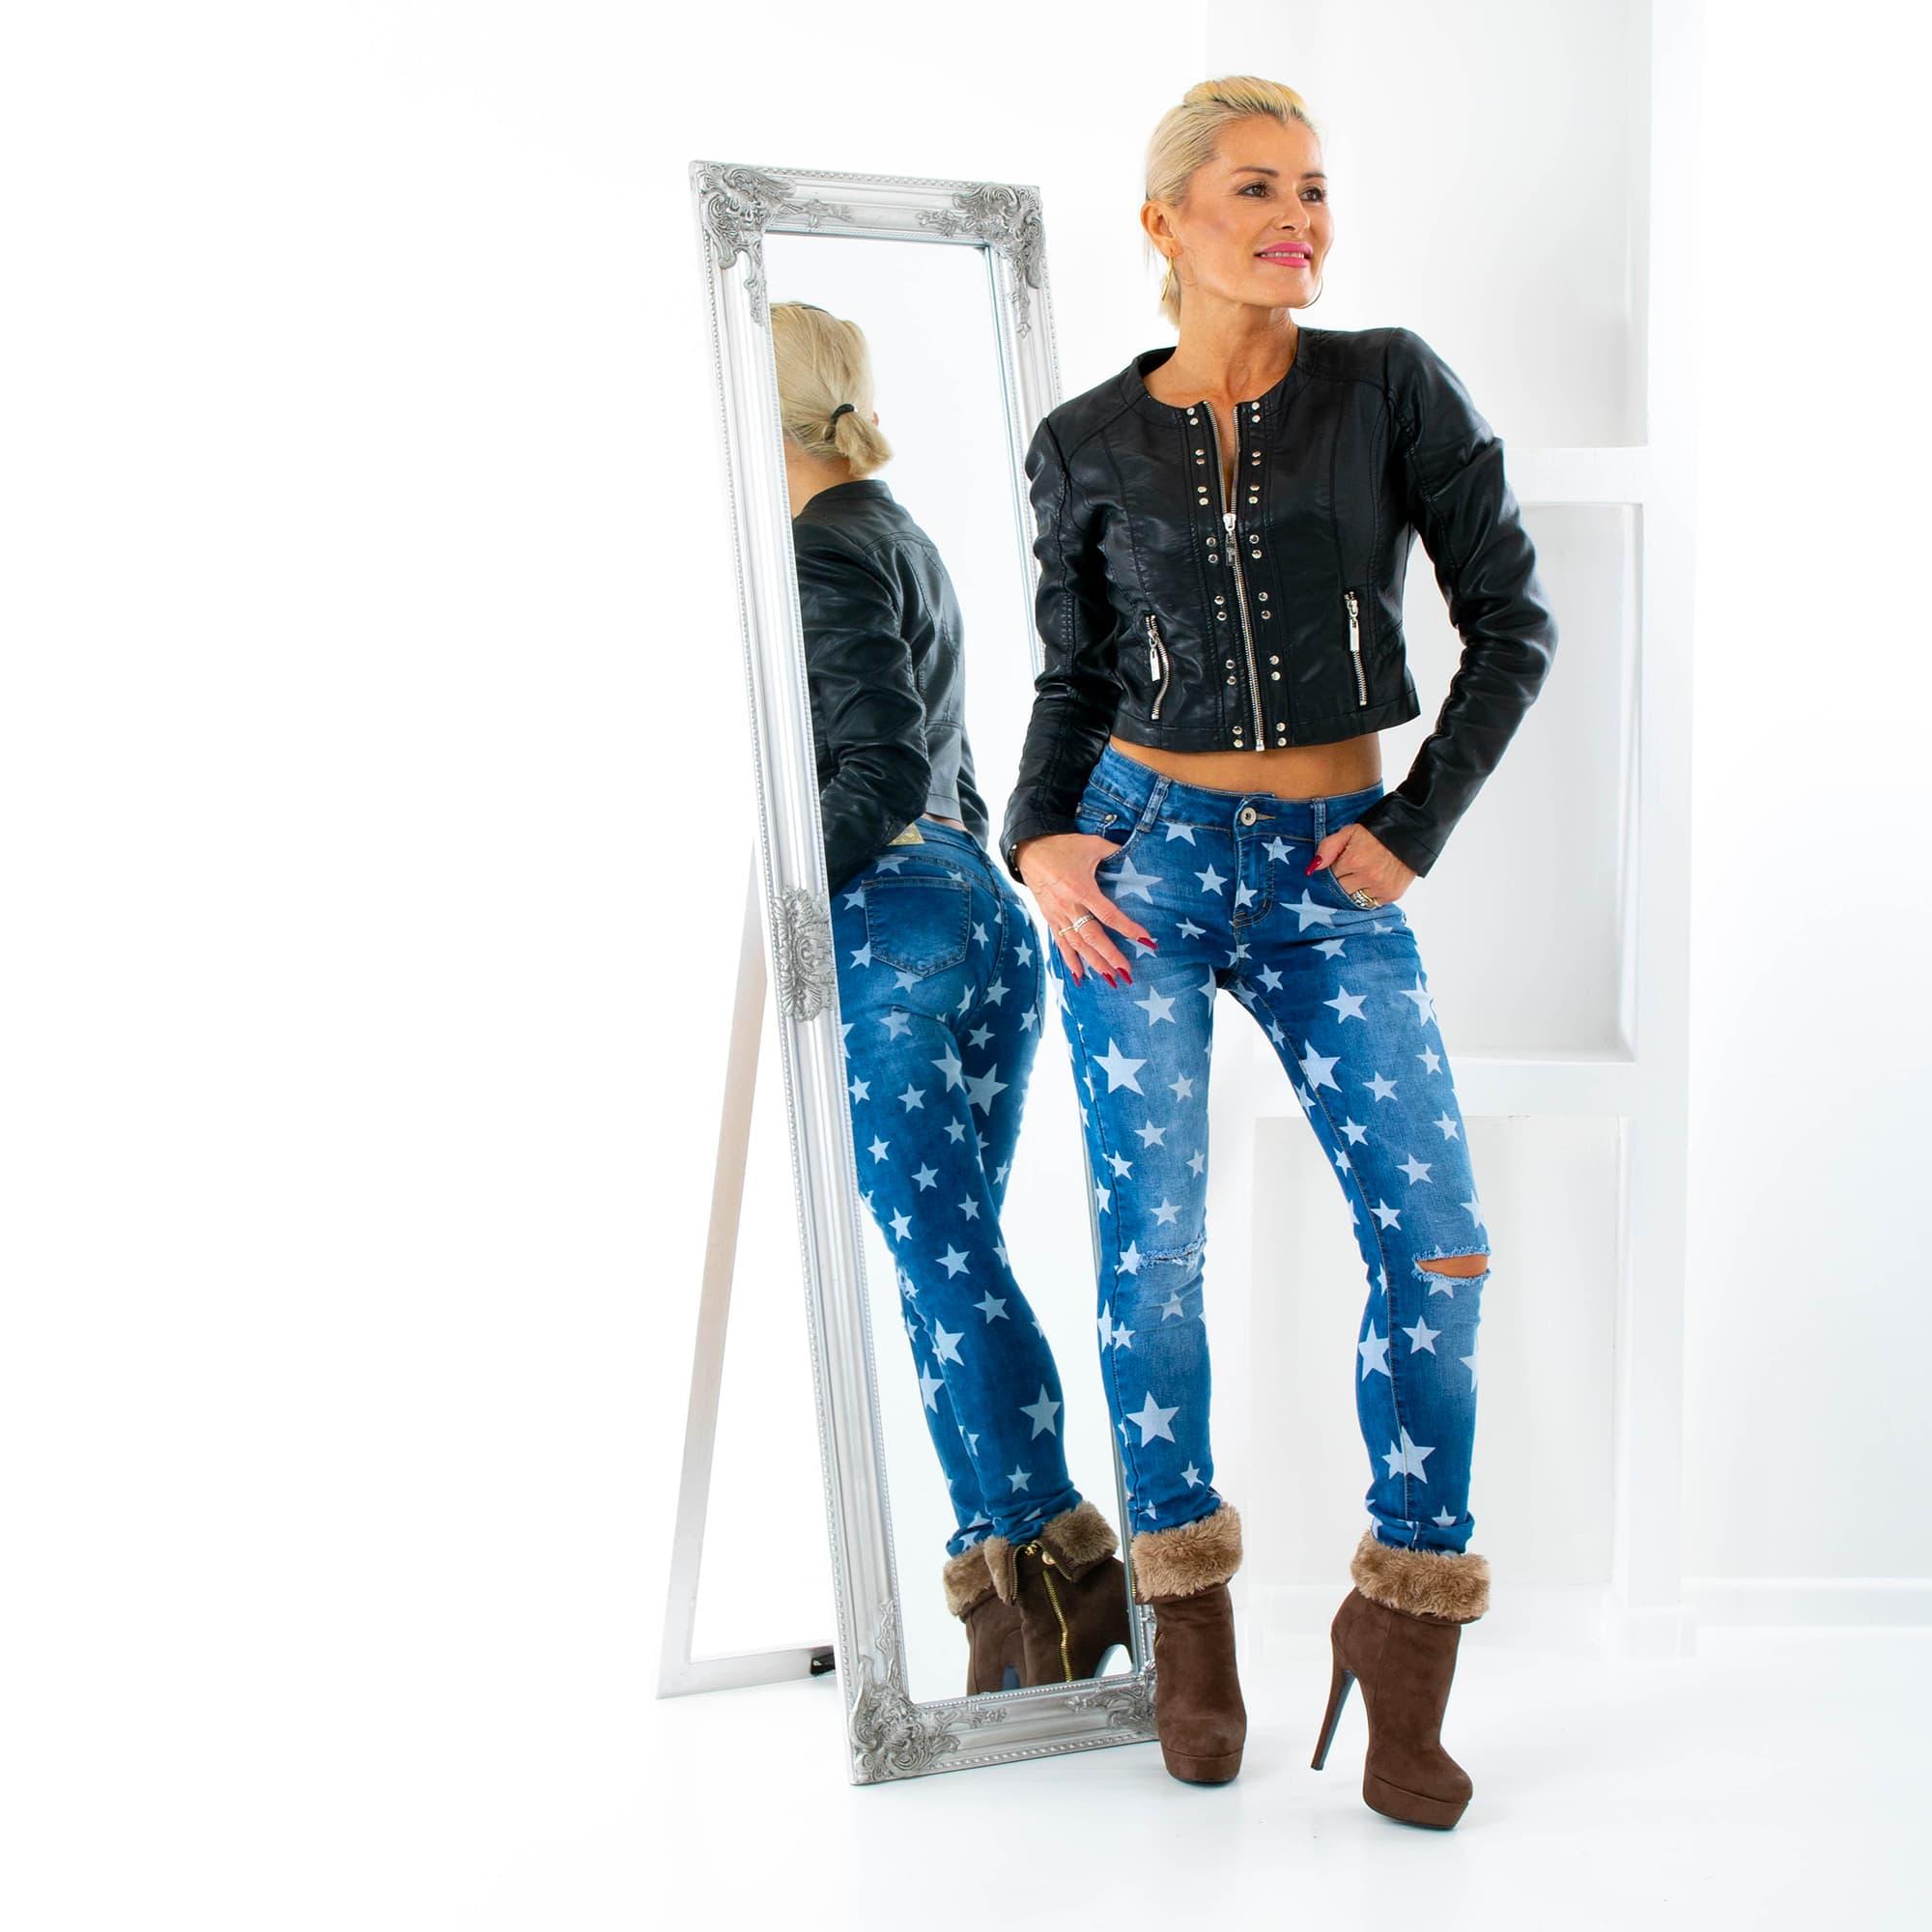 680fad64bd8 ... Dámská móda a doplňky - Dámské jeans s hvězdami a trháním na kolenou ...